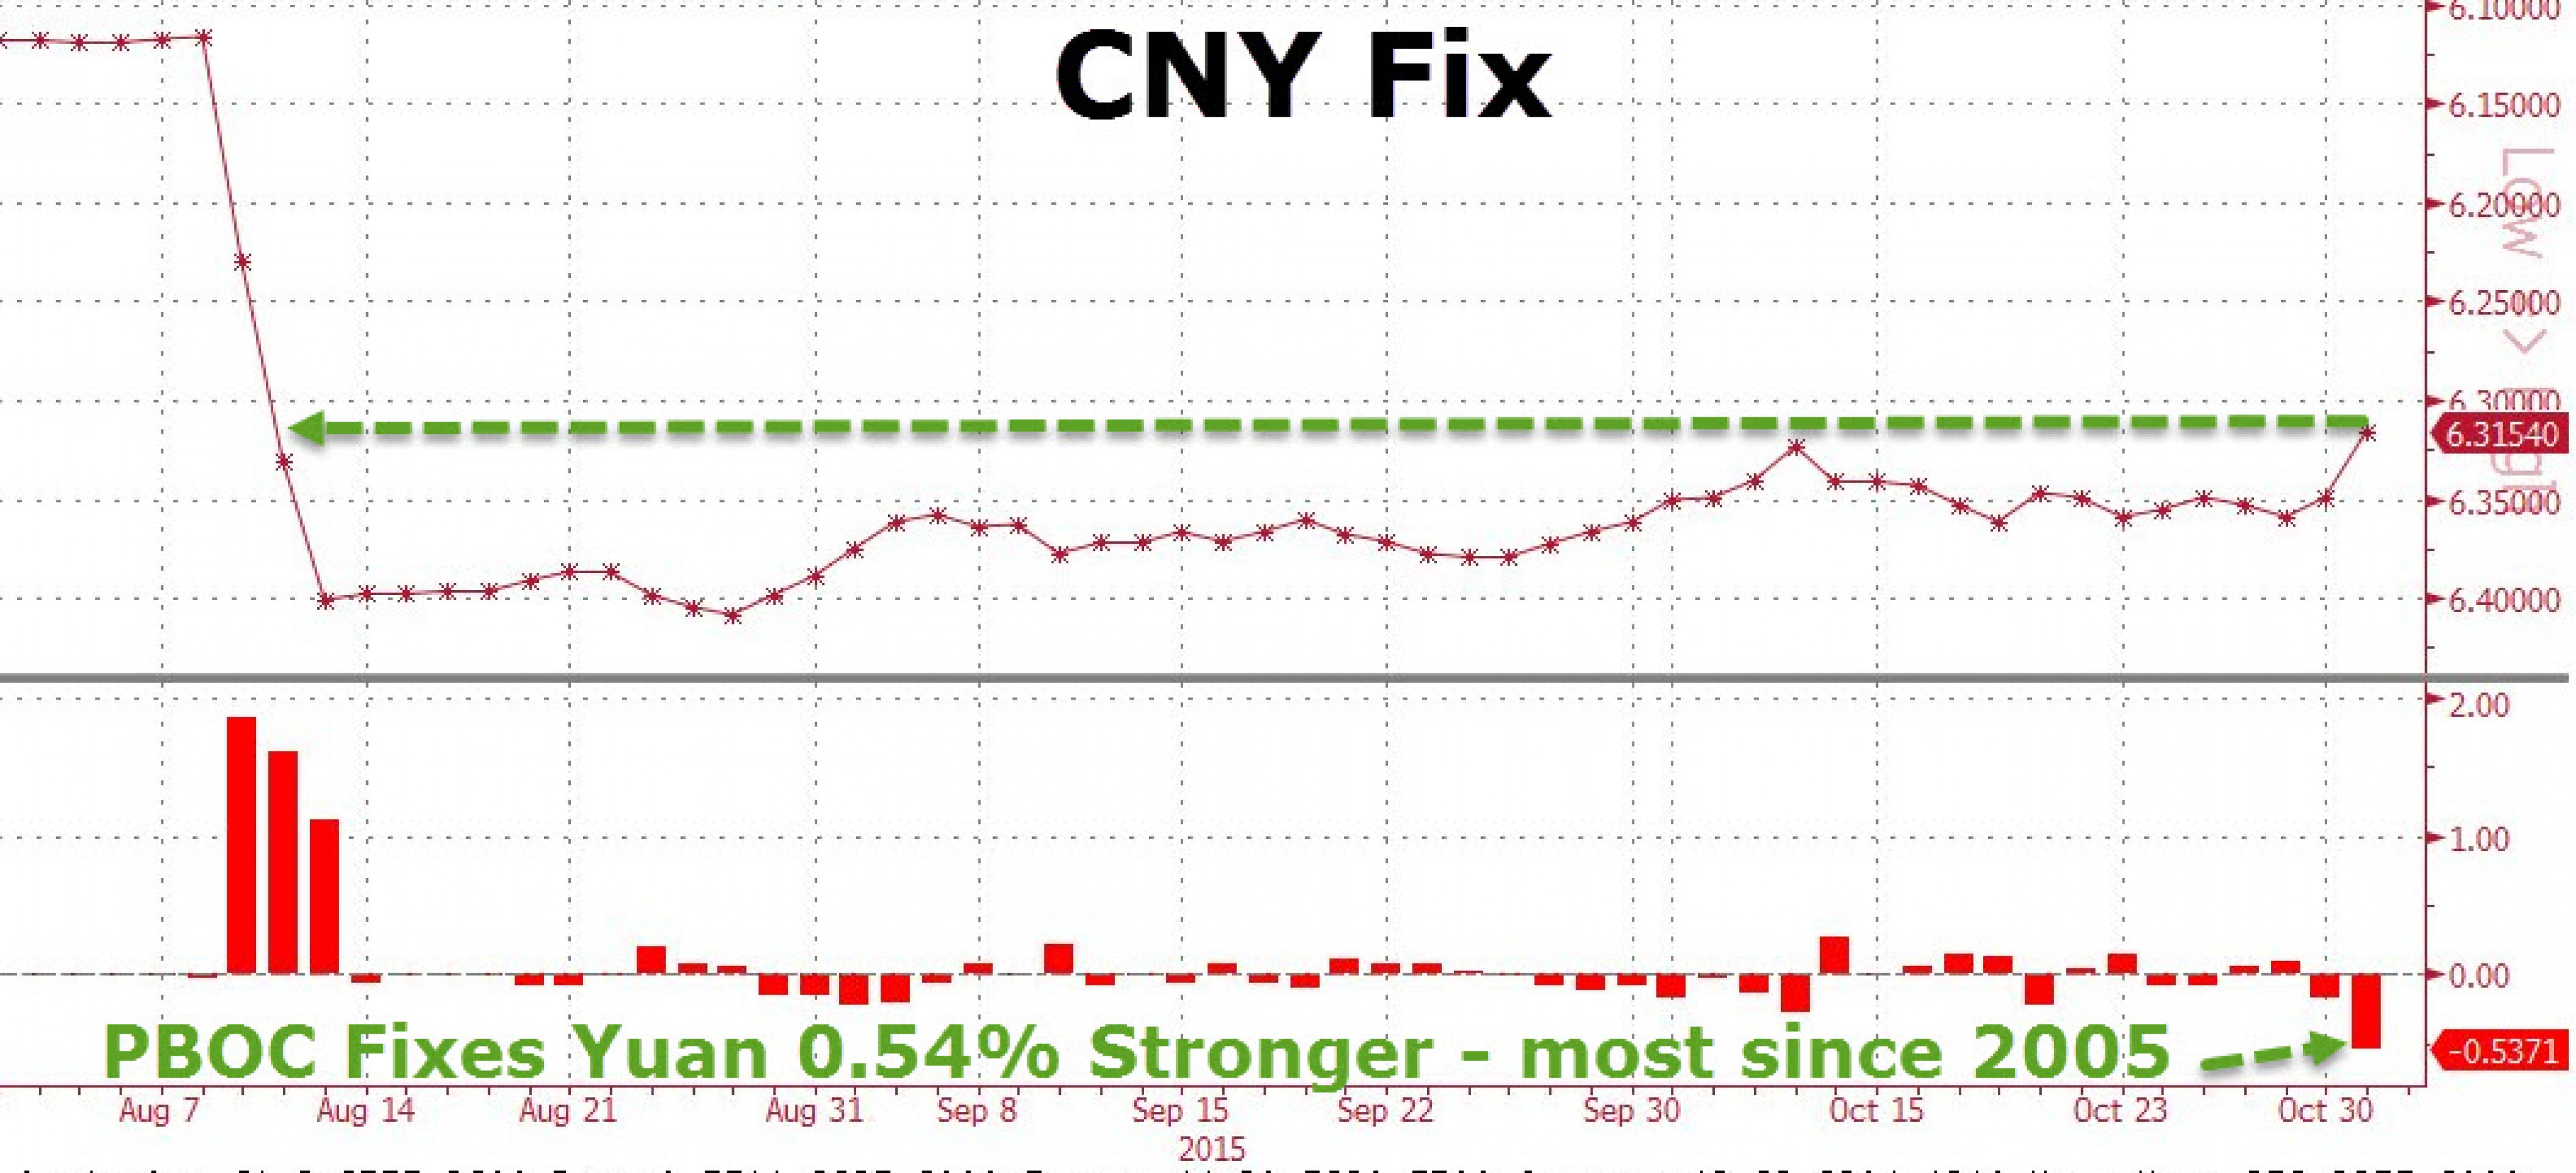 Юань вновь ослаб после рекордного укрепления